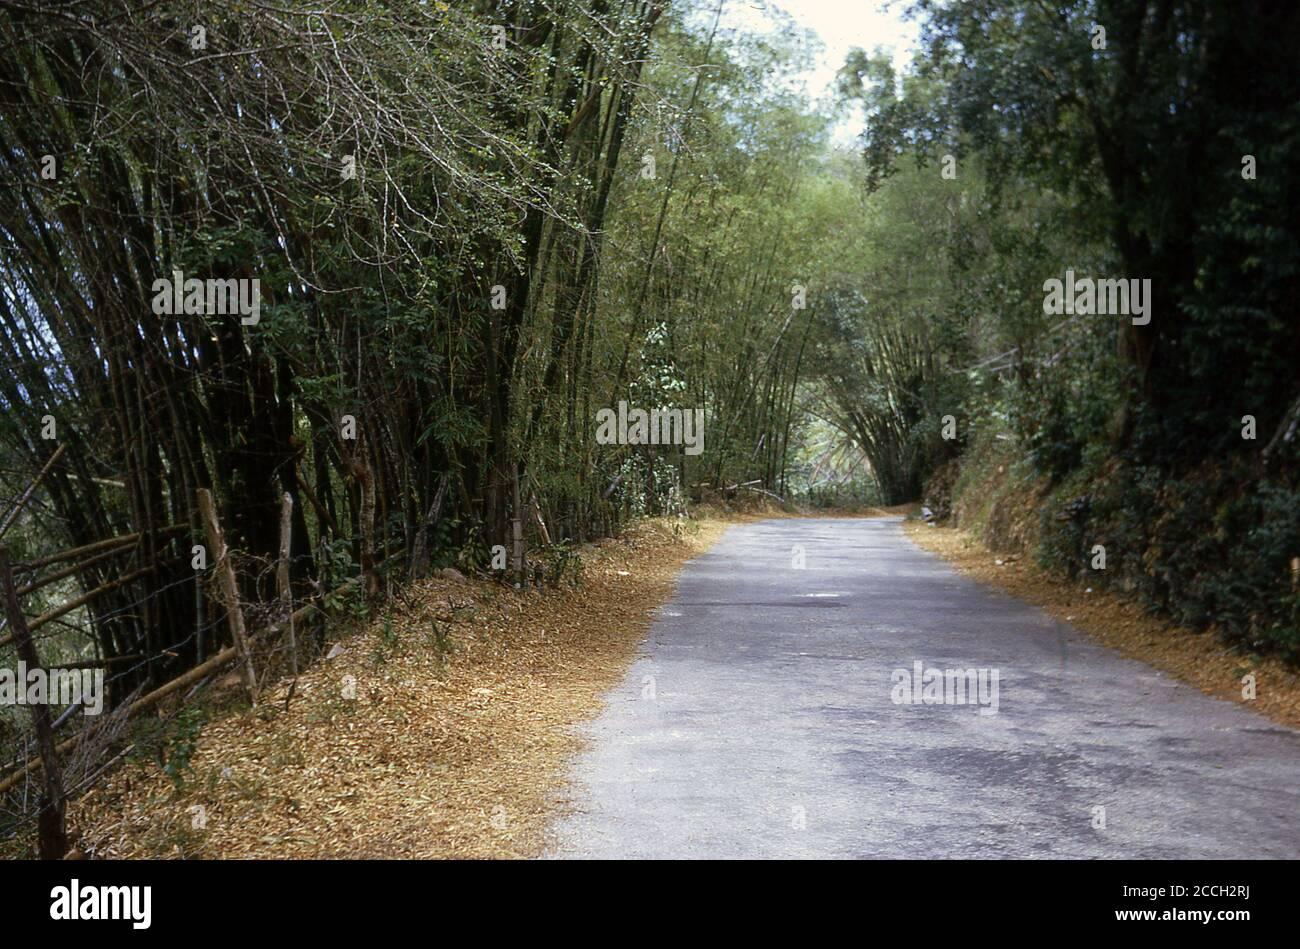 Bambou 'arbres' à côté d'une route de campagne à flanc de colline, Jamaïque, 1970. Bien que le bambou soit techniquement une 'herbe', les plus grands sont très d'apparence d'arbre et peuvent croître en hauteur jusqu'à 40 mètres. Le bambou est un matériau de construction très léger mais est trois fois plus fort que le bois et a une plus grande résistance à la traction que l'acier. Une culture durable, qui prend environ 3 ans pour mûrir, par rapport aux 30-40 ans pour un arbre, c'est une alternative écologique viable au plastique, mais quand cultivé commeriquement a besoin de bien gérer, sinon il devient envahissant. Banque D'Images